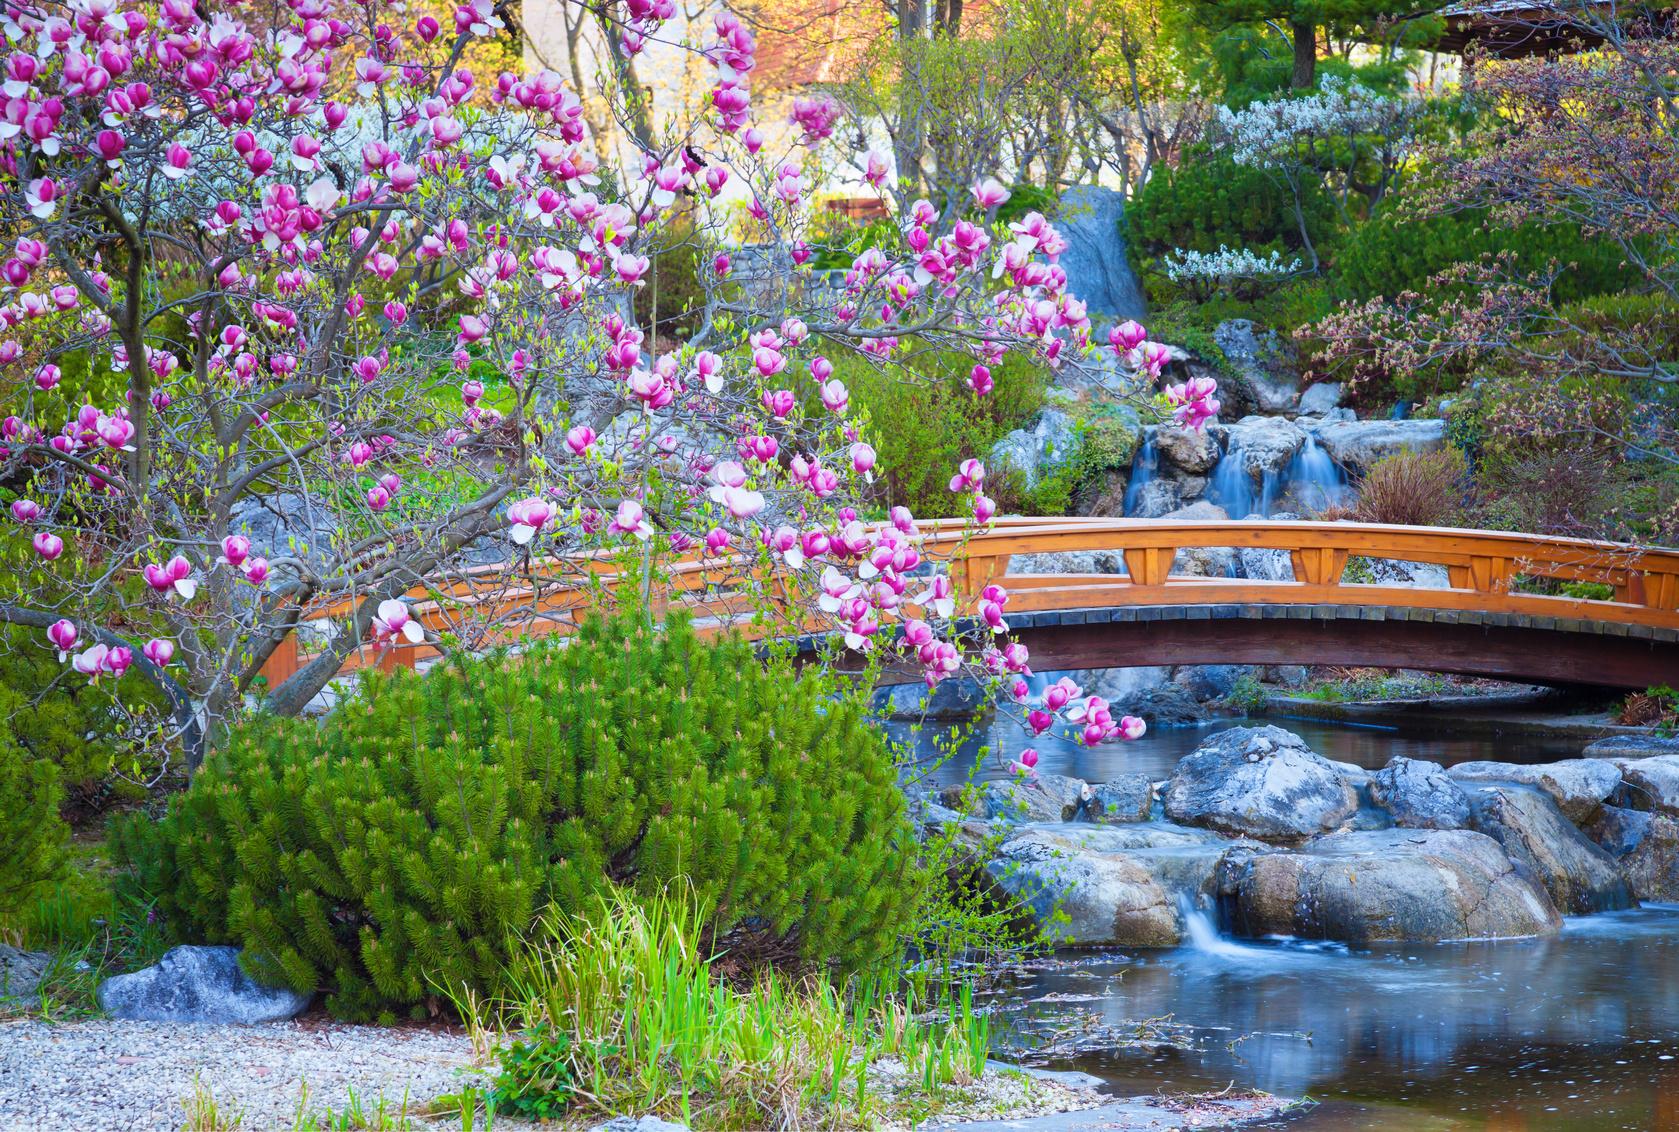 Les jardins paysagers : l'esprit japonais en vogue